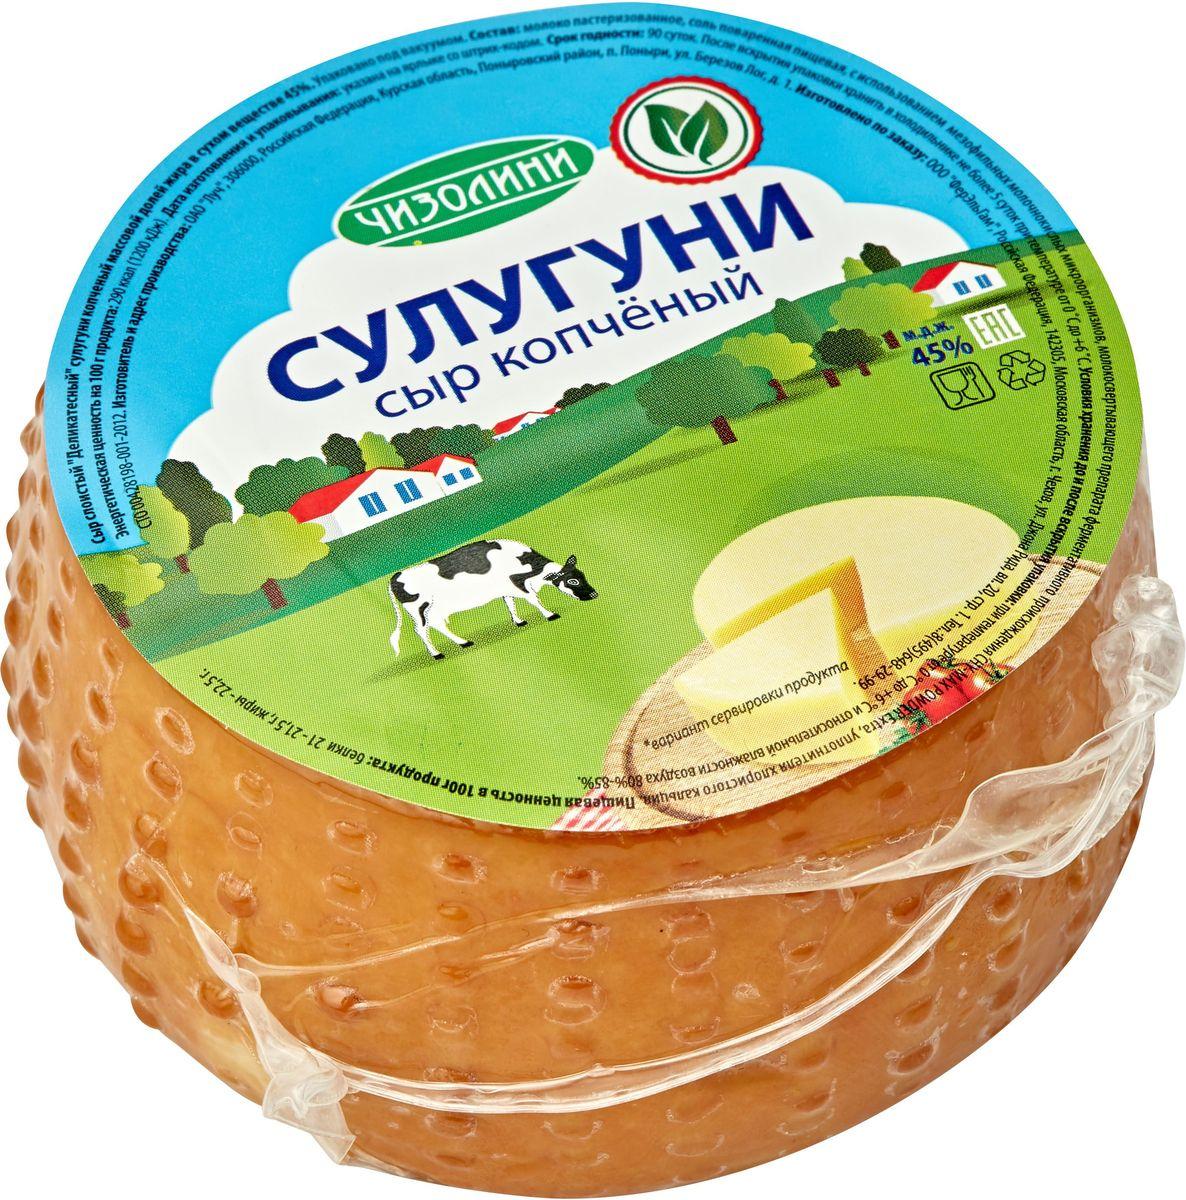 Чизолини Сыр Сулугуни, копченый, 250 г00-00001199Рассольный сыр из Самегрело (местность в Грузии). Он обладает сдержанным кисломолочным, солоноватым вкусом, приятным запахом и эластичной, слоящейся консистенцией